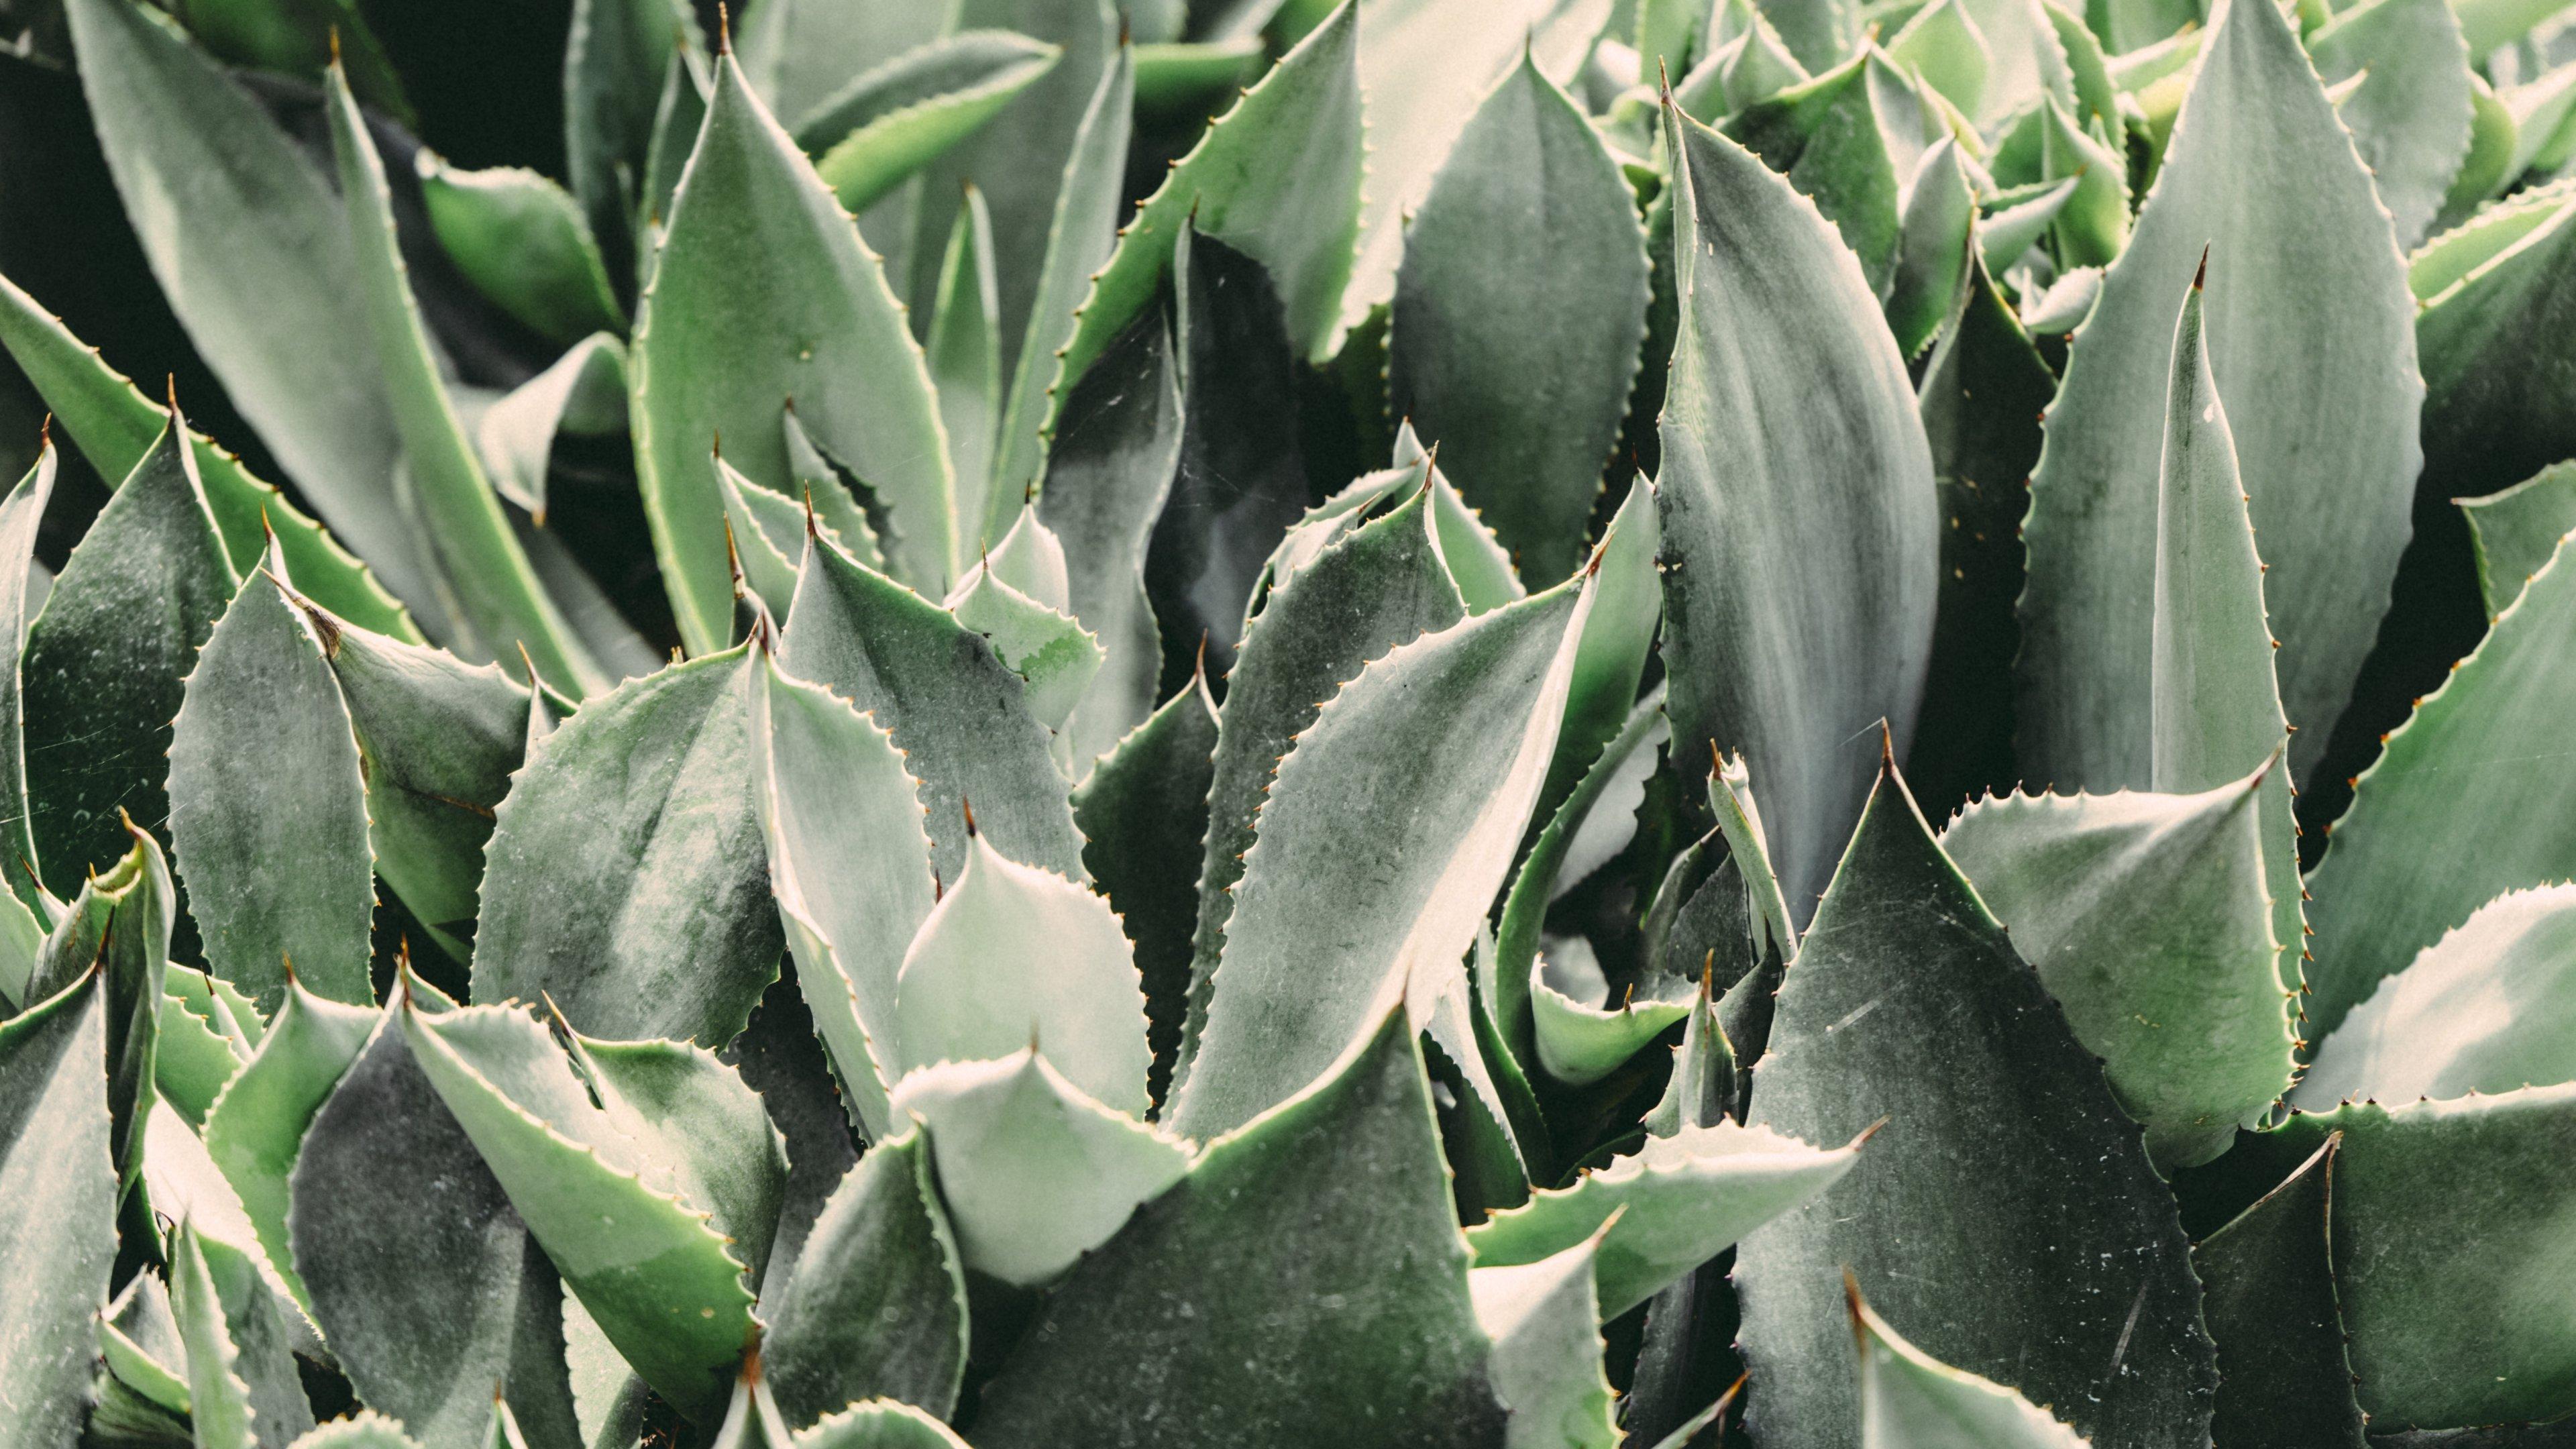 Cactus Leaves Wallpaper